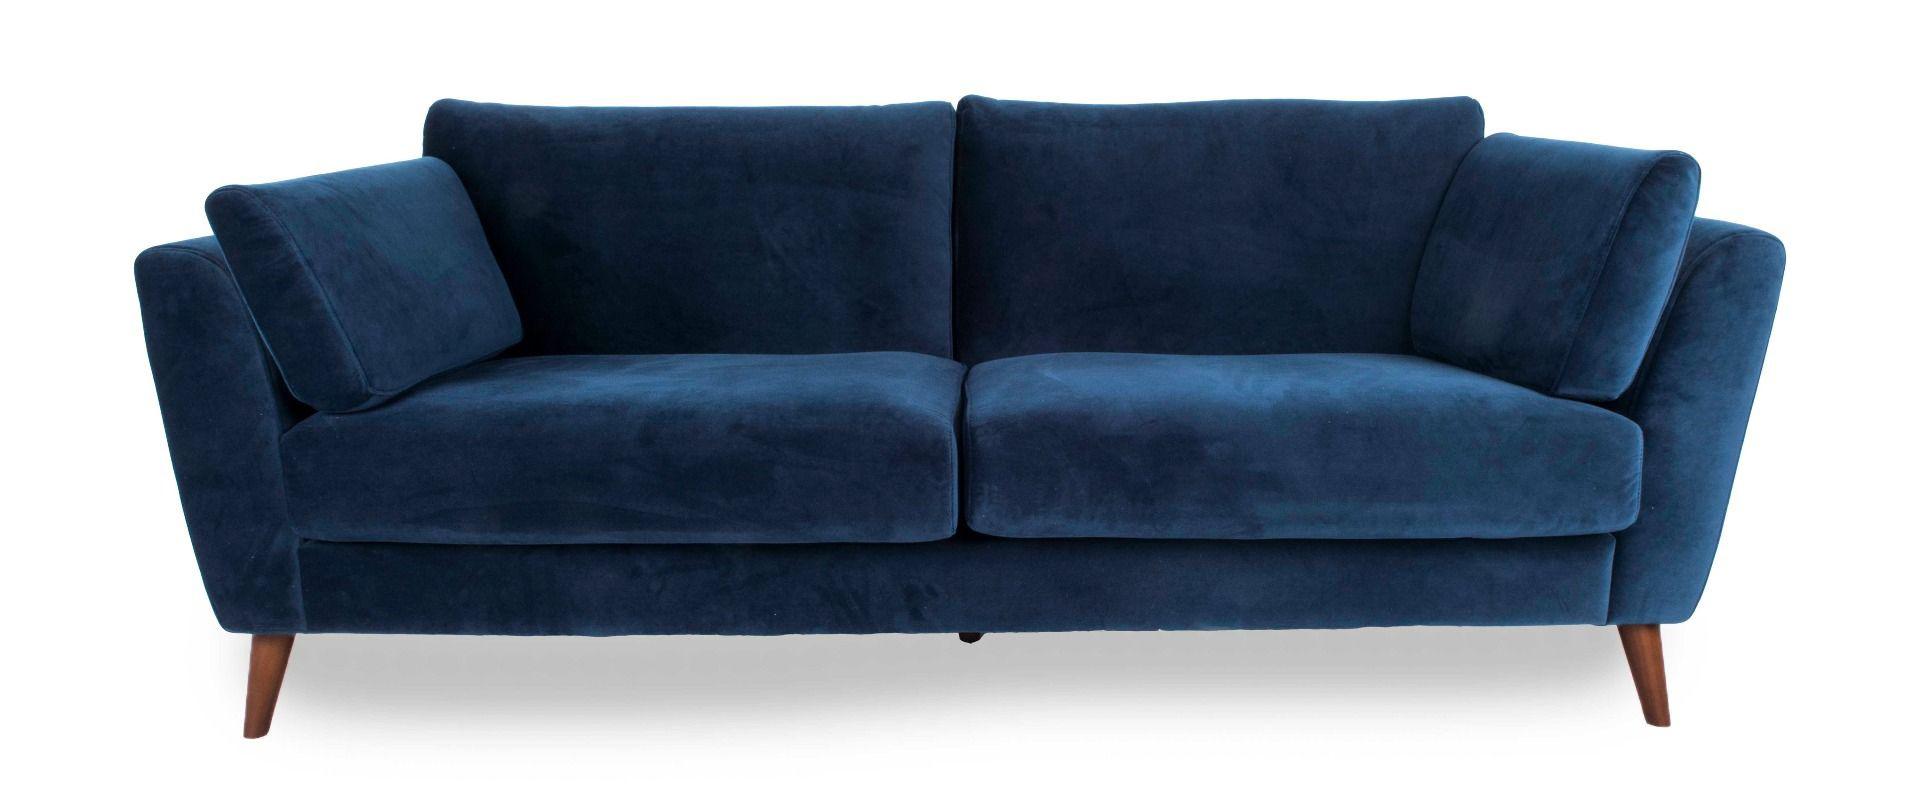 Surprising Ez Living Interiors Furniture Interior Superstores Ireland Bralicious Painted Fabric Chair Ideas Braliciousco